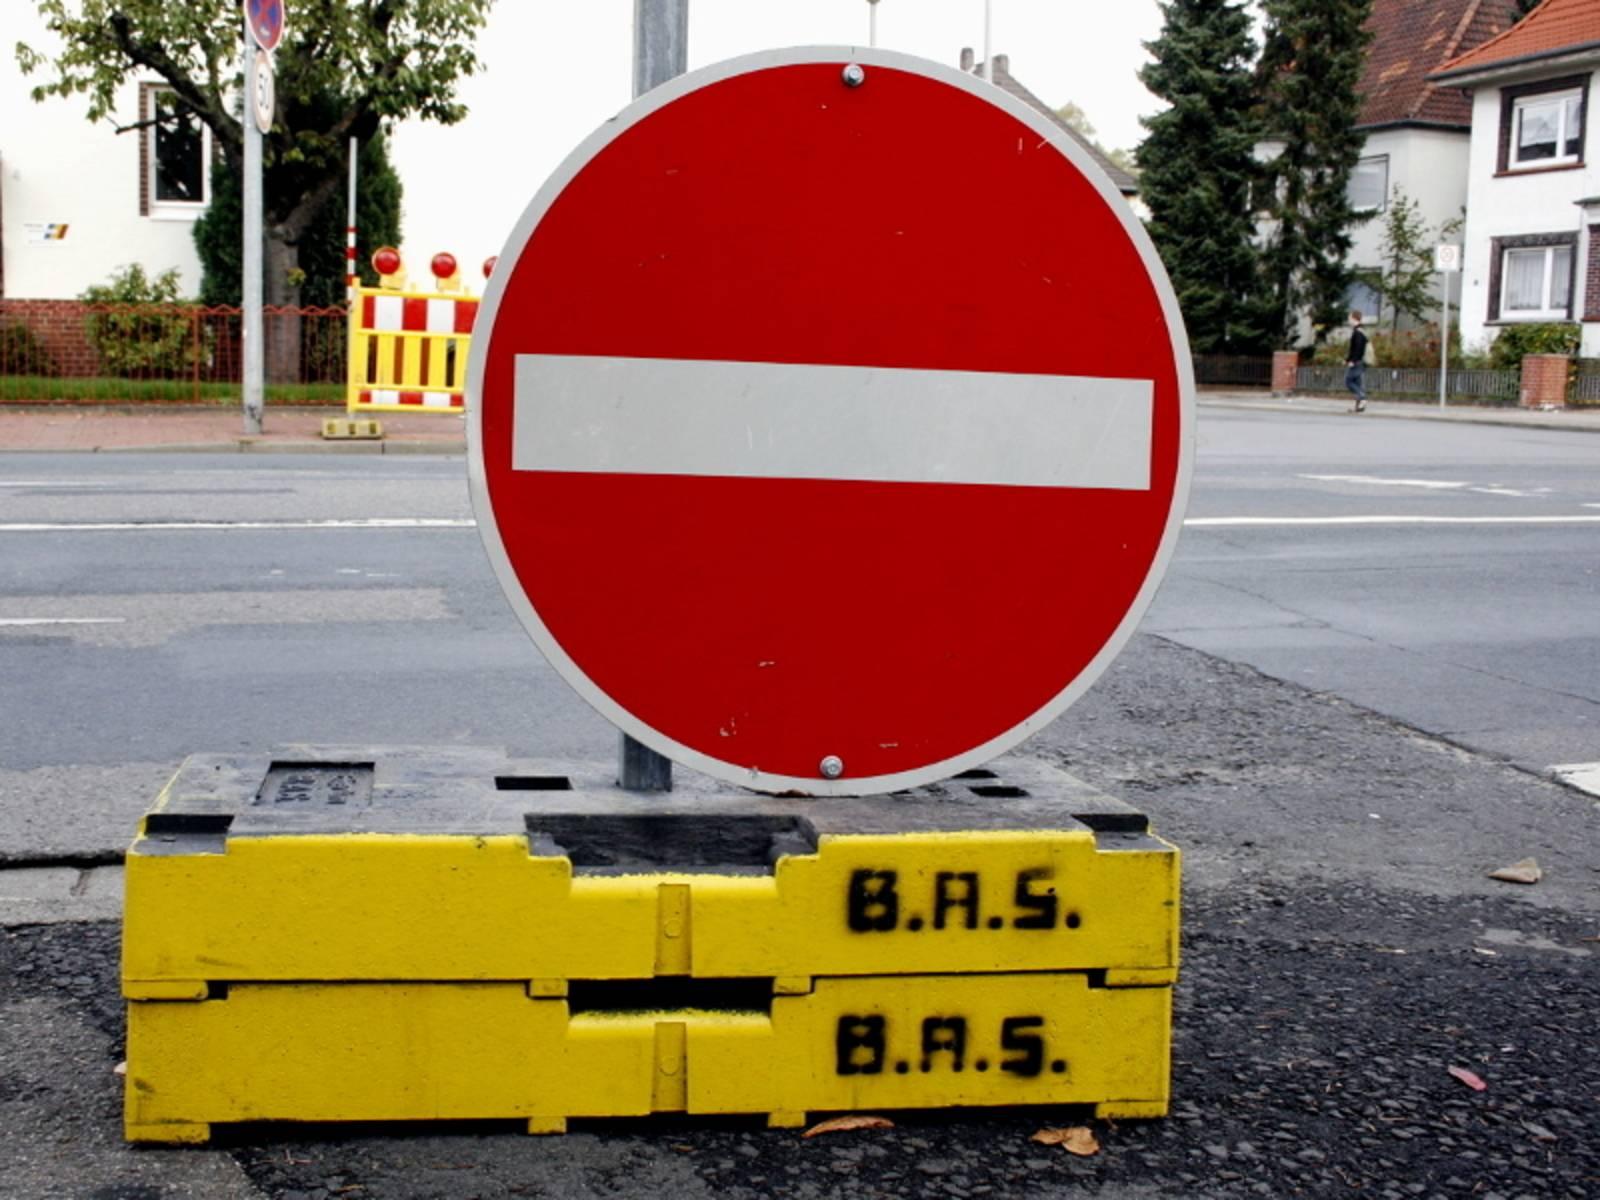 """Ein Verkehrsschild """"Verbot der Einfahrt"""" wird provisorisch von schweren Betonelementen gehalten. Im Hintergrund ist eine Straßenkreuzung zu erkennen."""